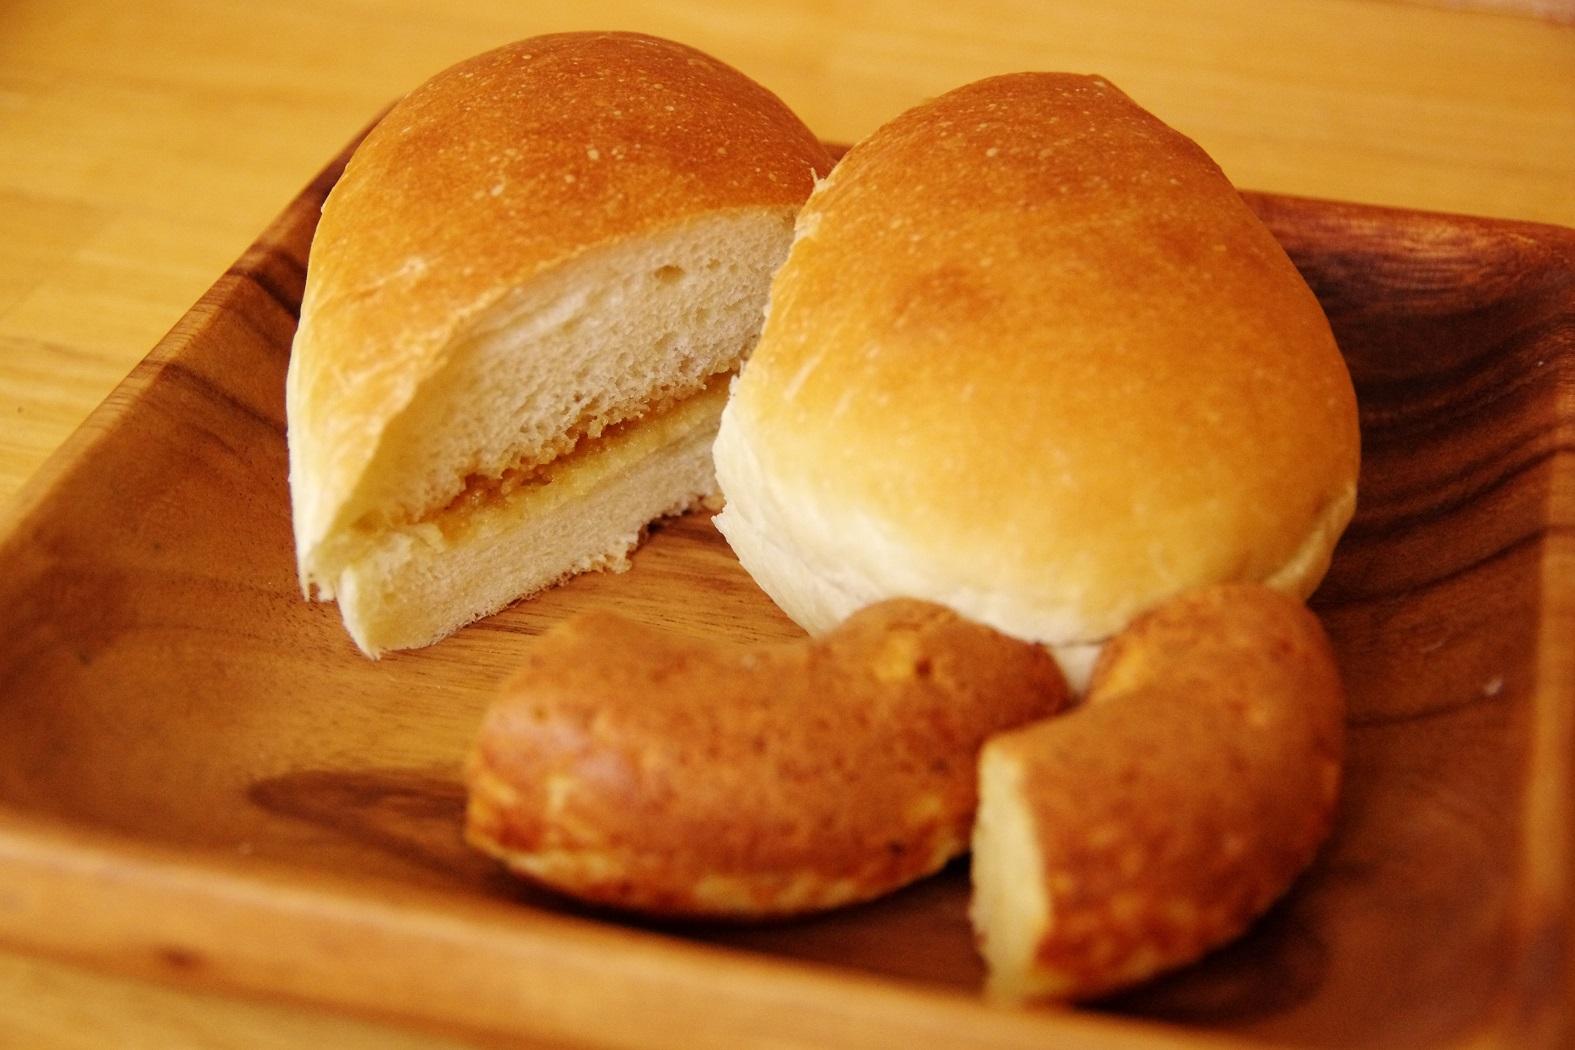 木曜にしか買えない!阿南市の住宅地で見つけたやさしい無添加パン